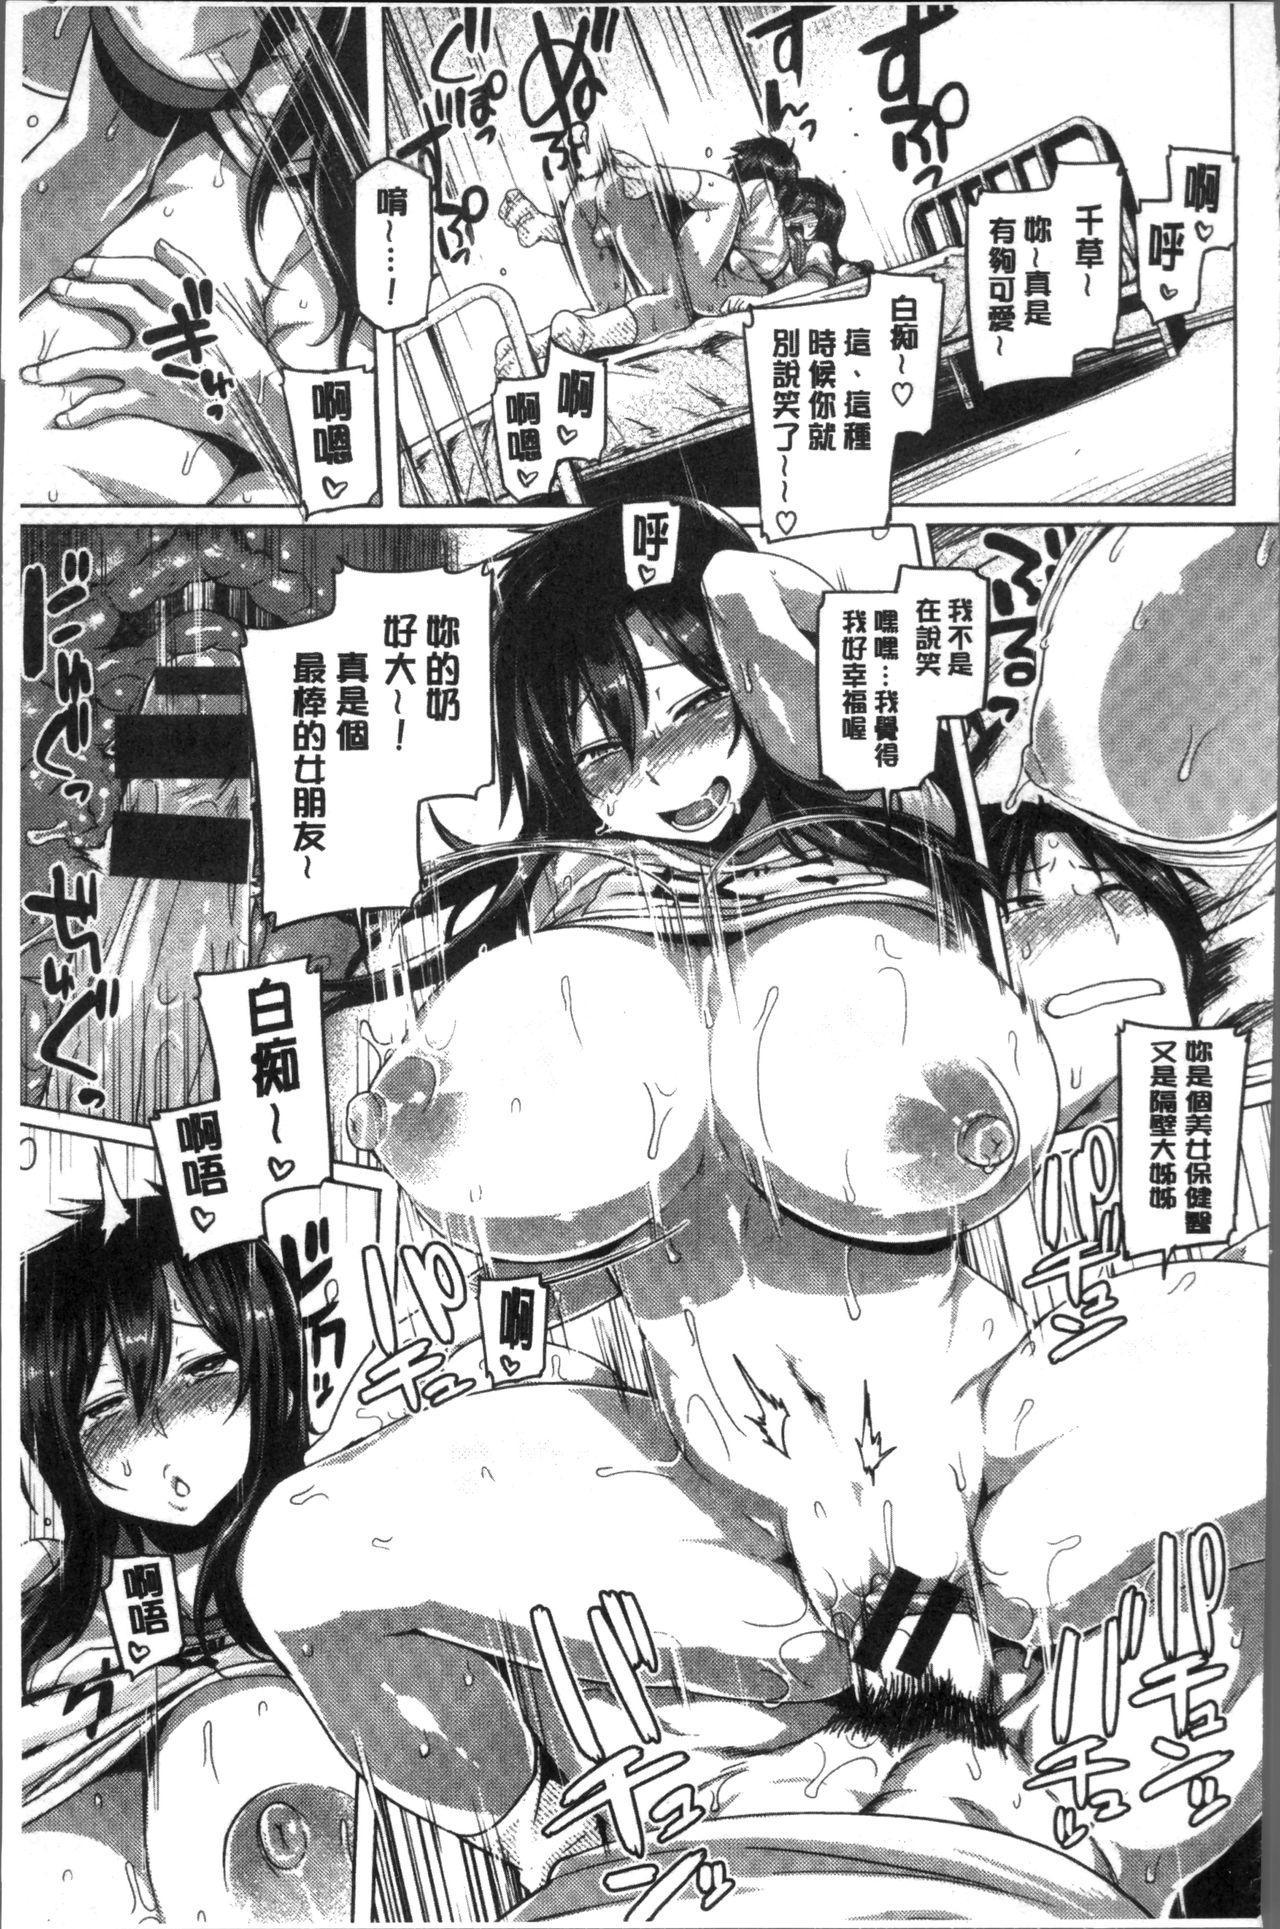 Chichi Shiri Futomomo | 柔乳嫩尻性感美腿 140